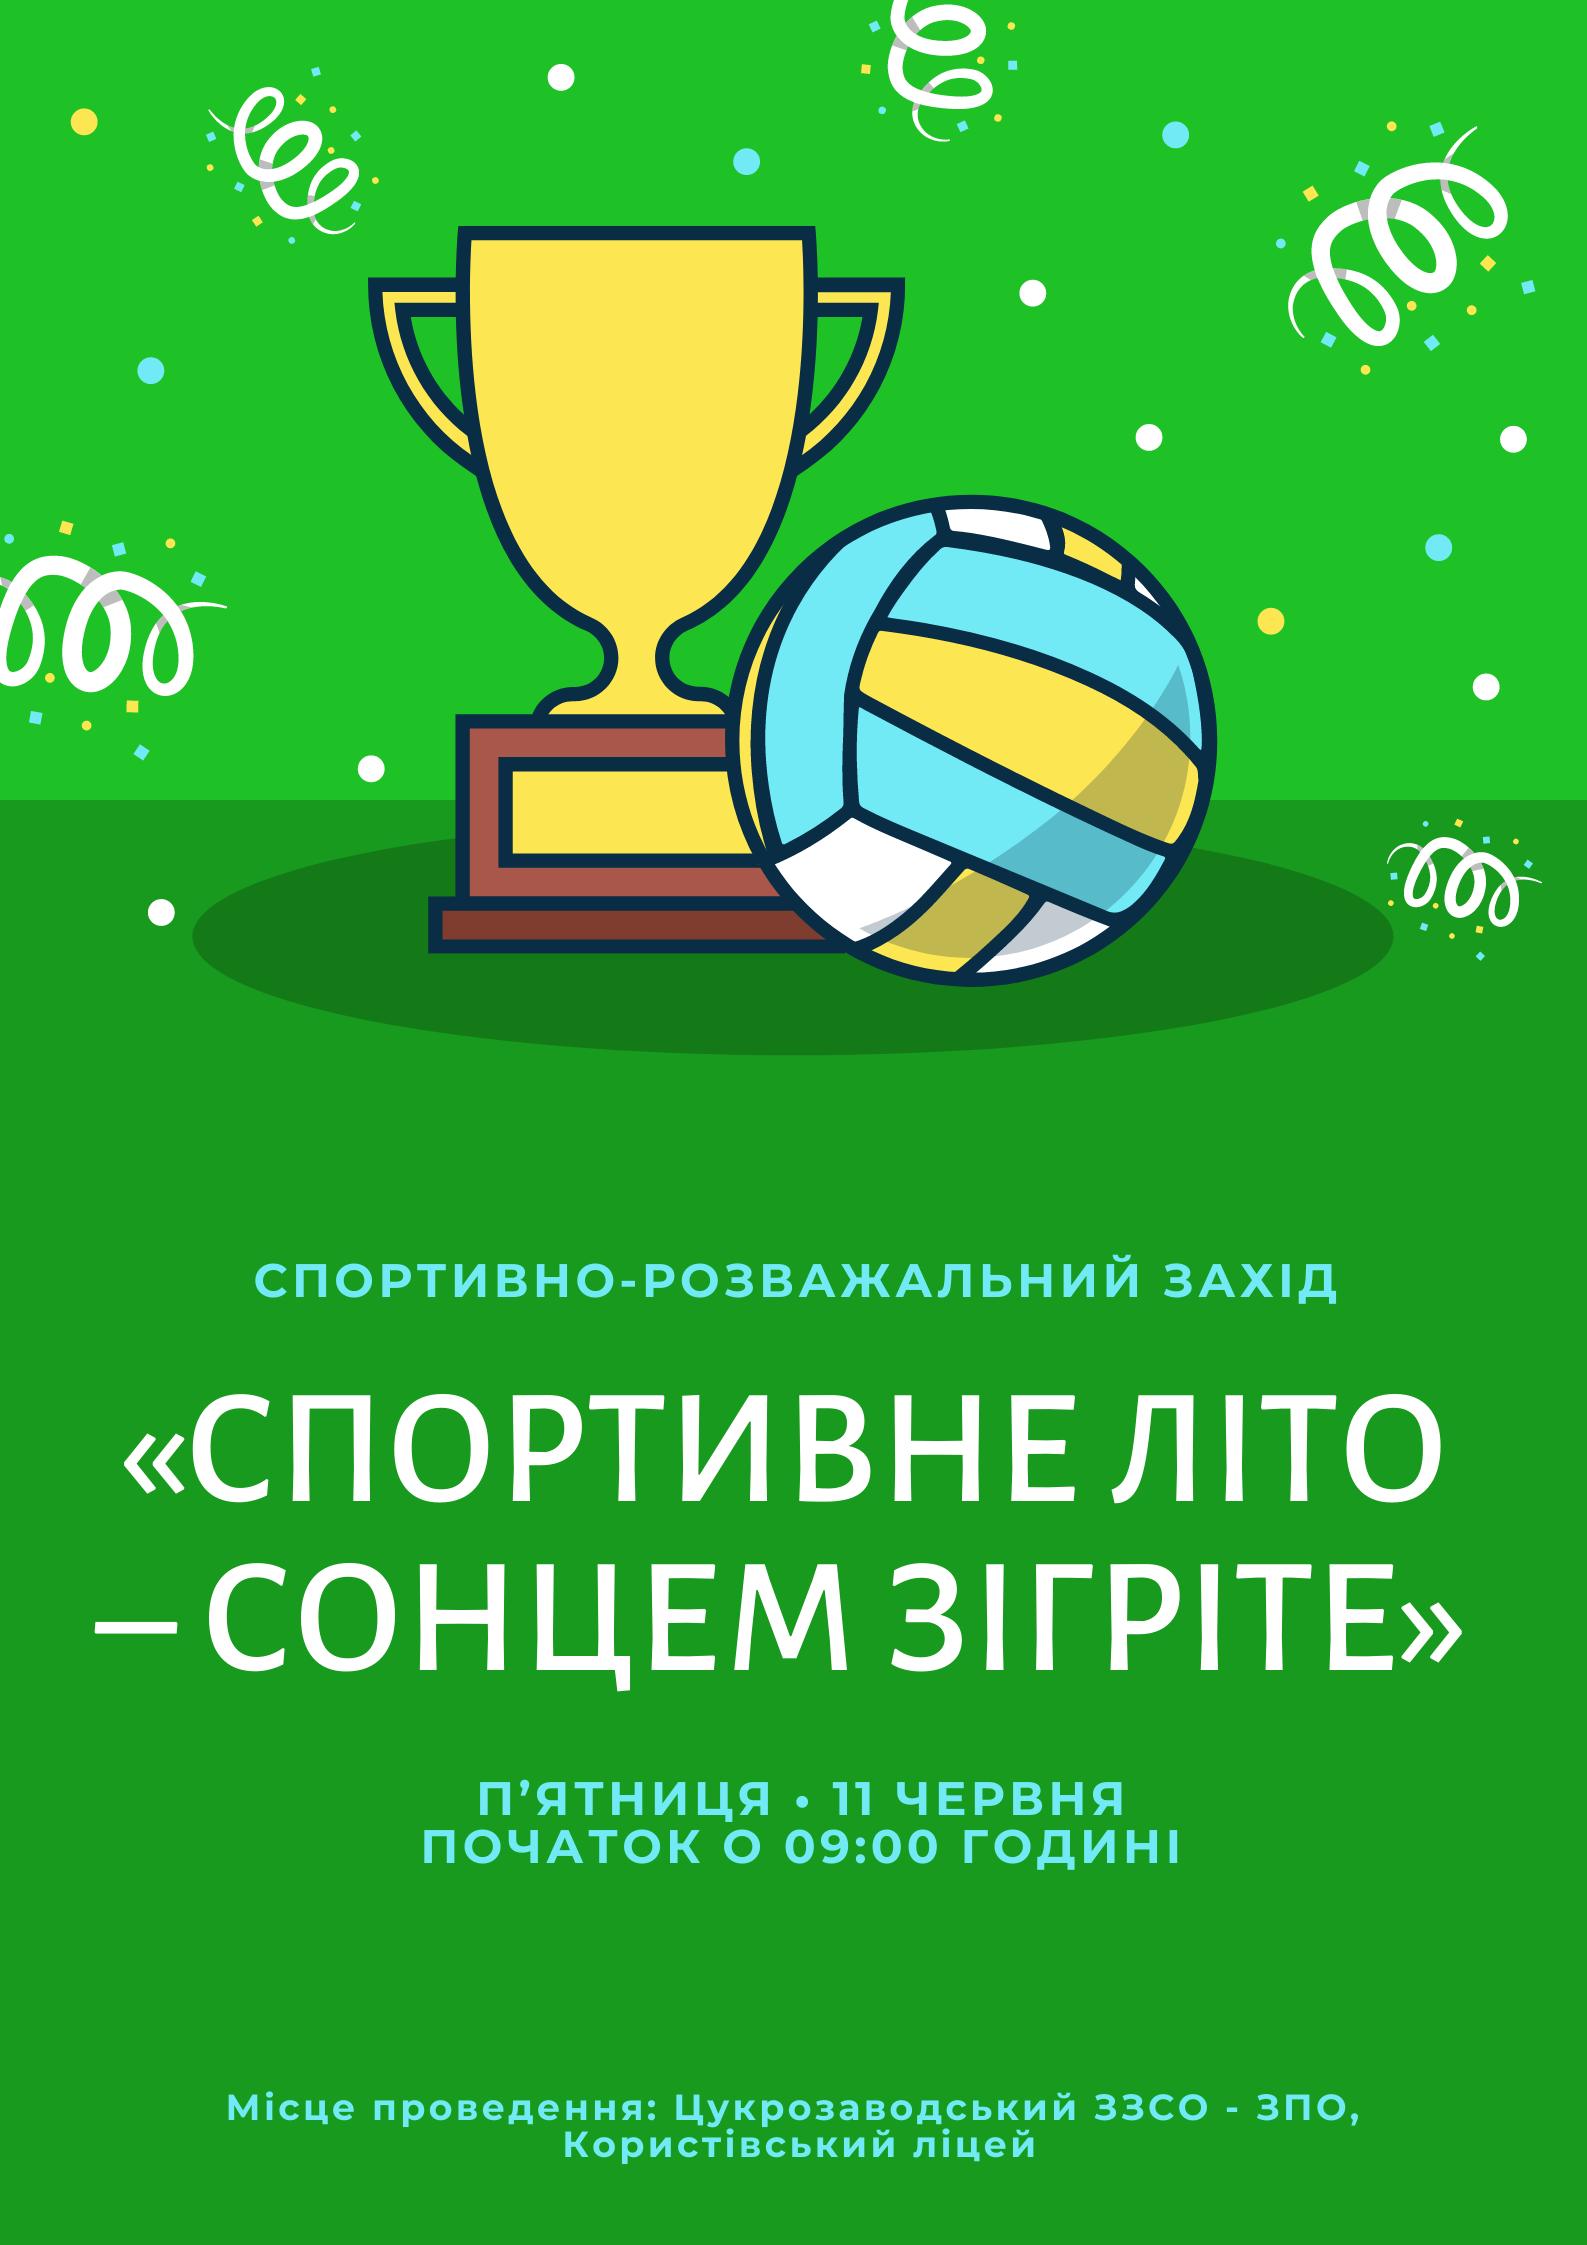 Вже завтра у Приютівці пройде спортивно-розважальний захід для дітей «Спортивне літо – сонцем зігріте»!